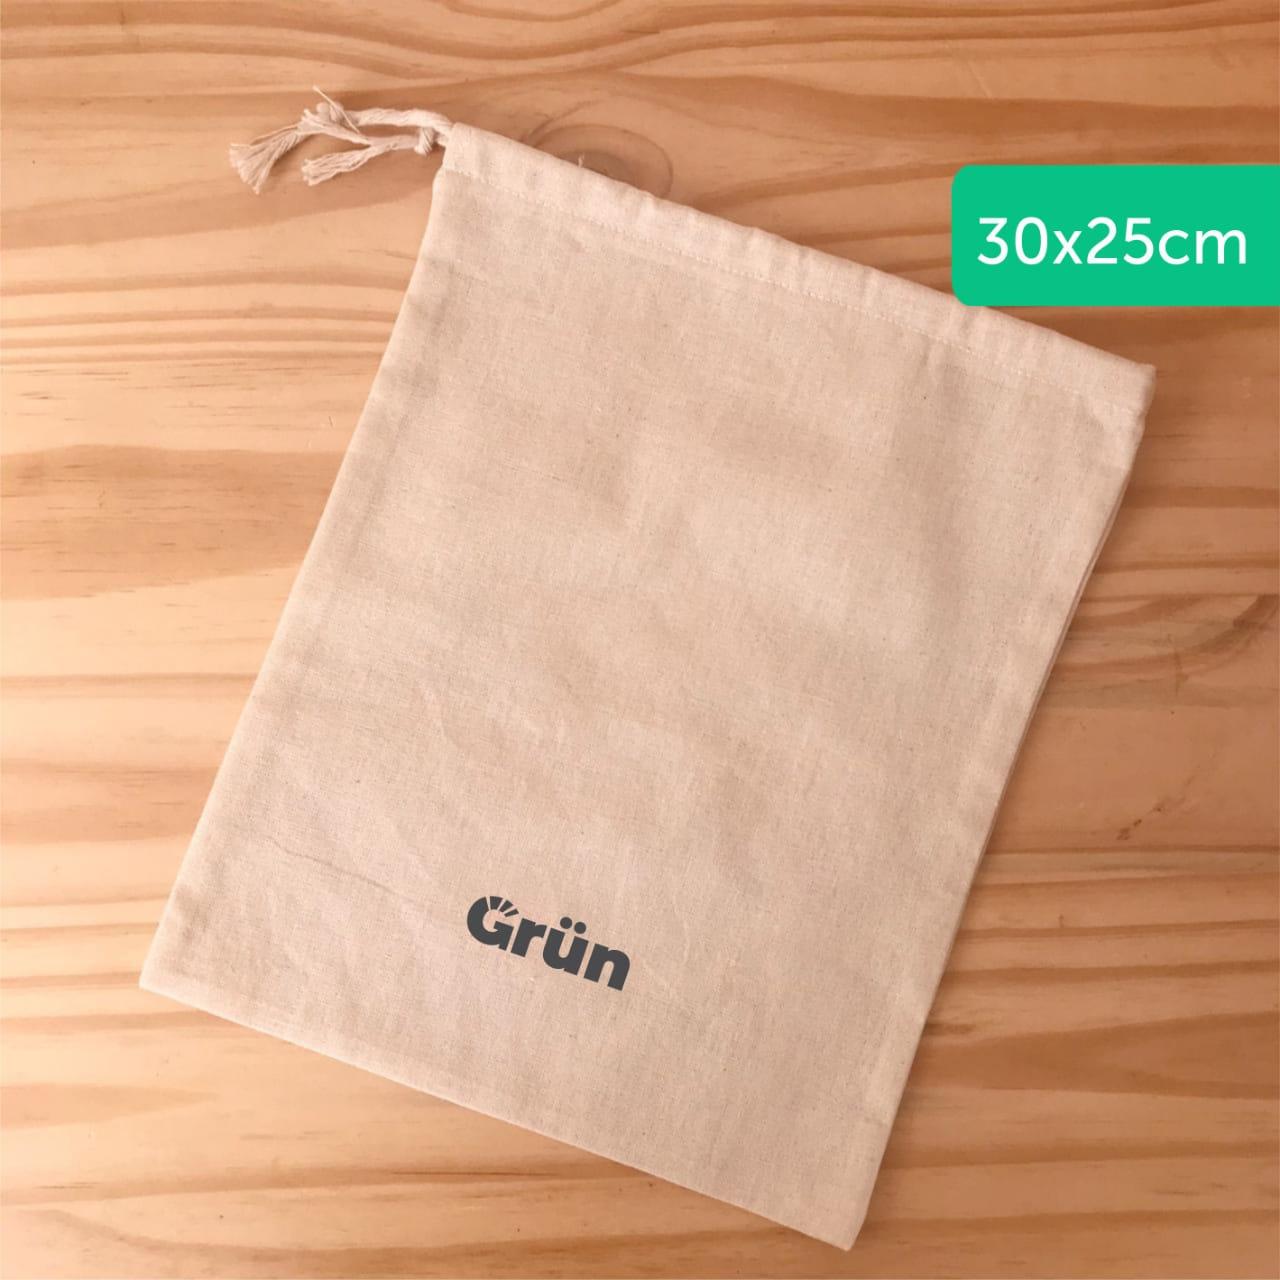 Bolsa de lienzo para compras a granel 25 x 30 cm «Grün»